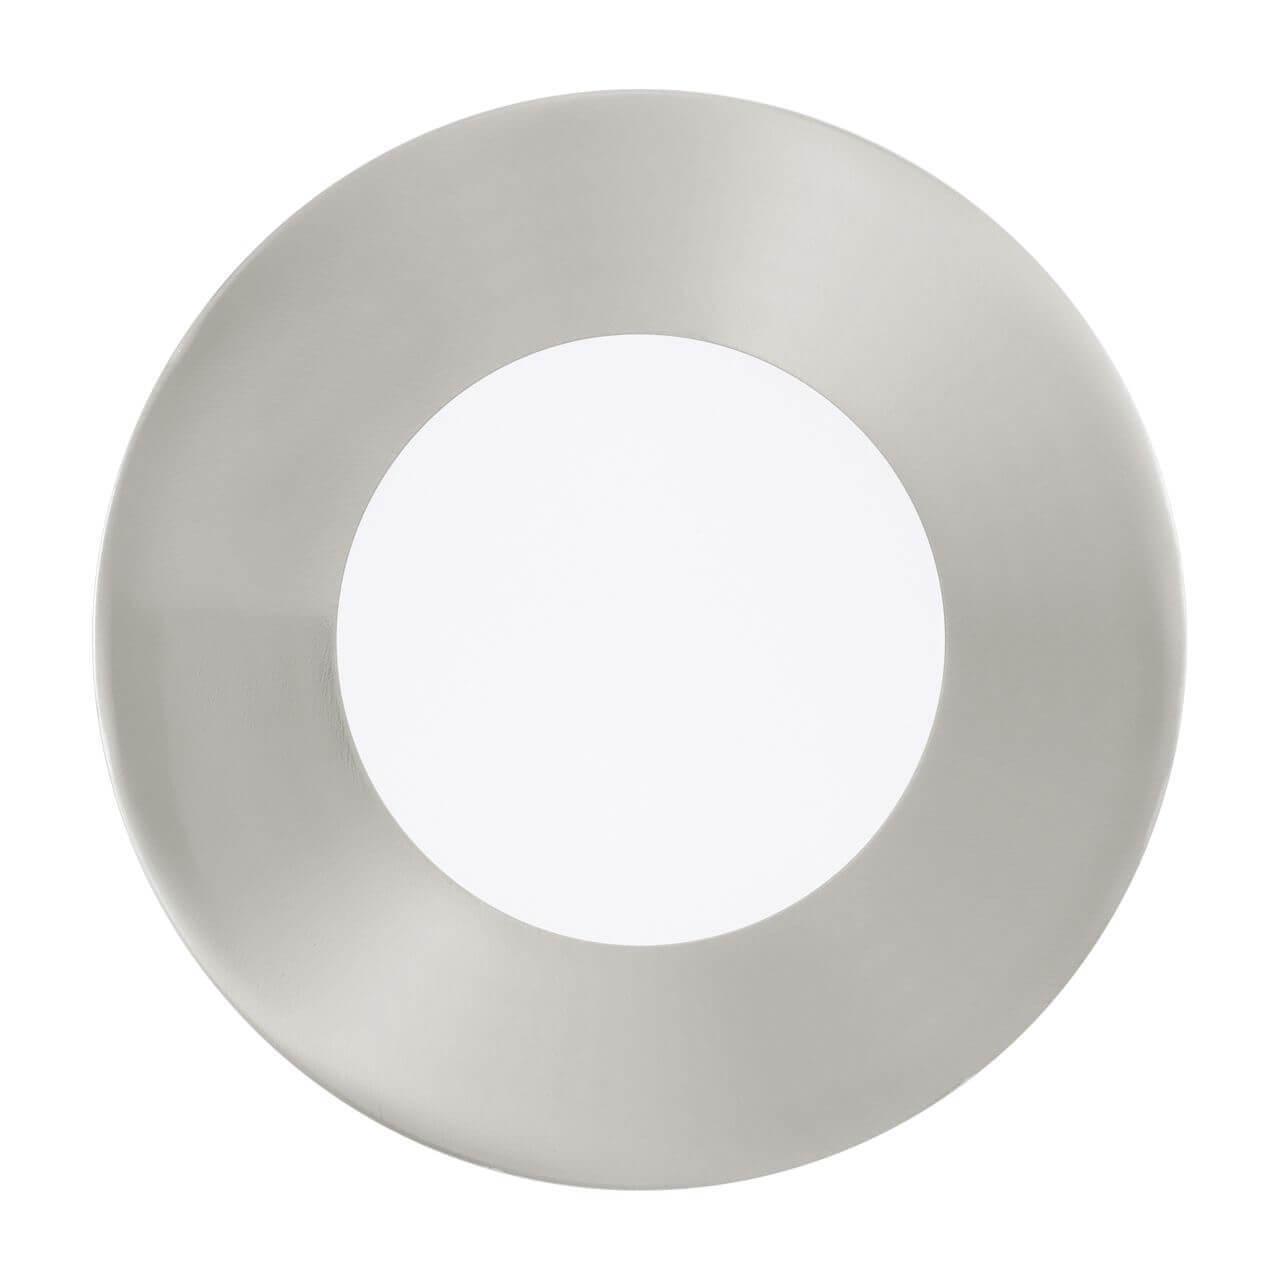 Встраиваемый светильник Eglo Fueva 1 94734 все цены